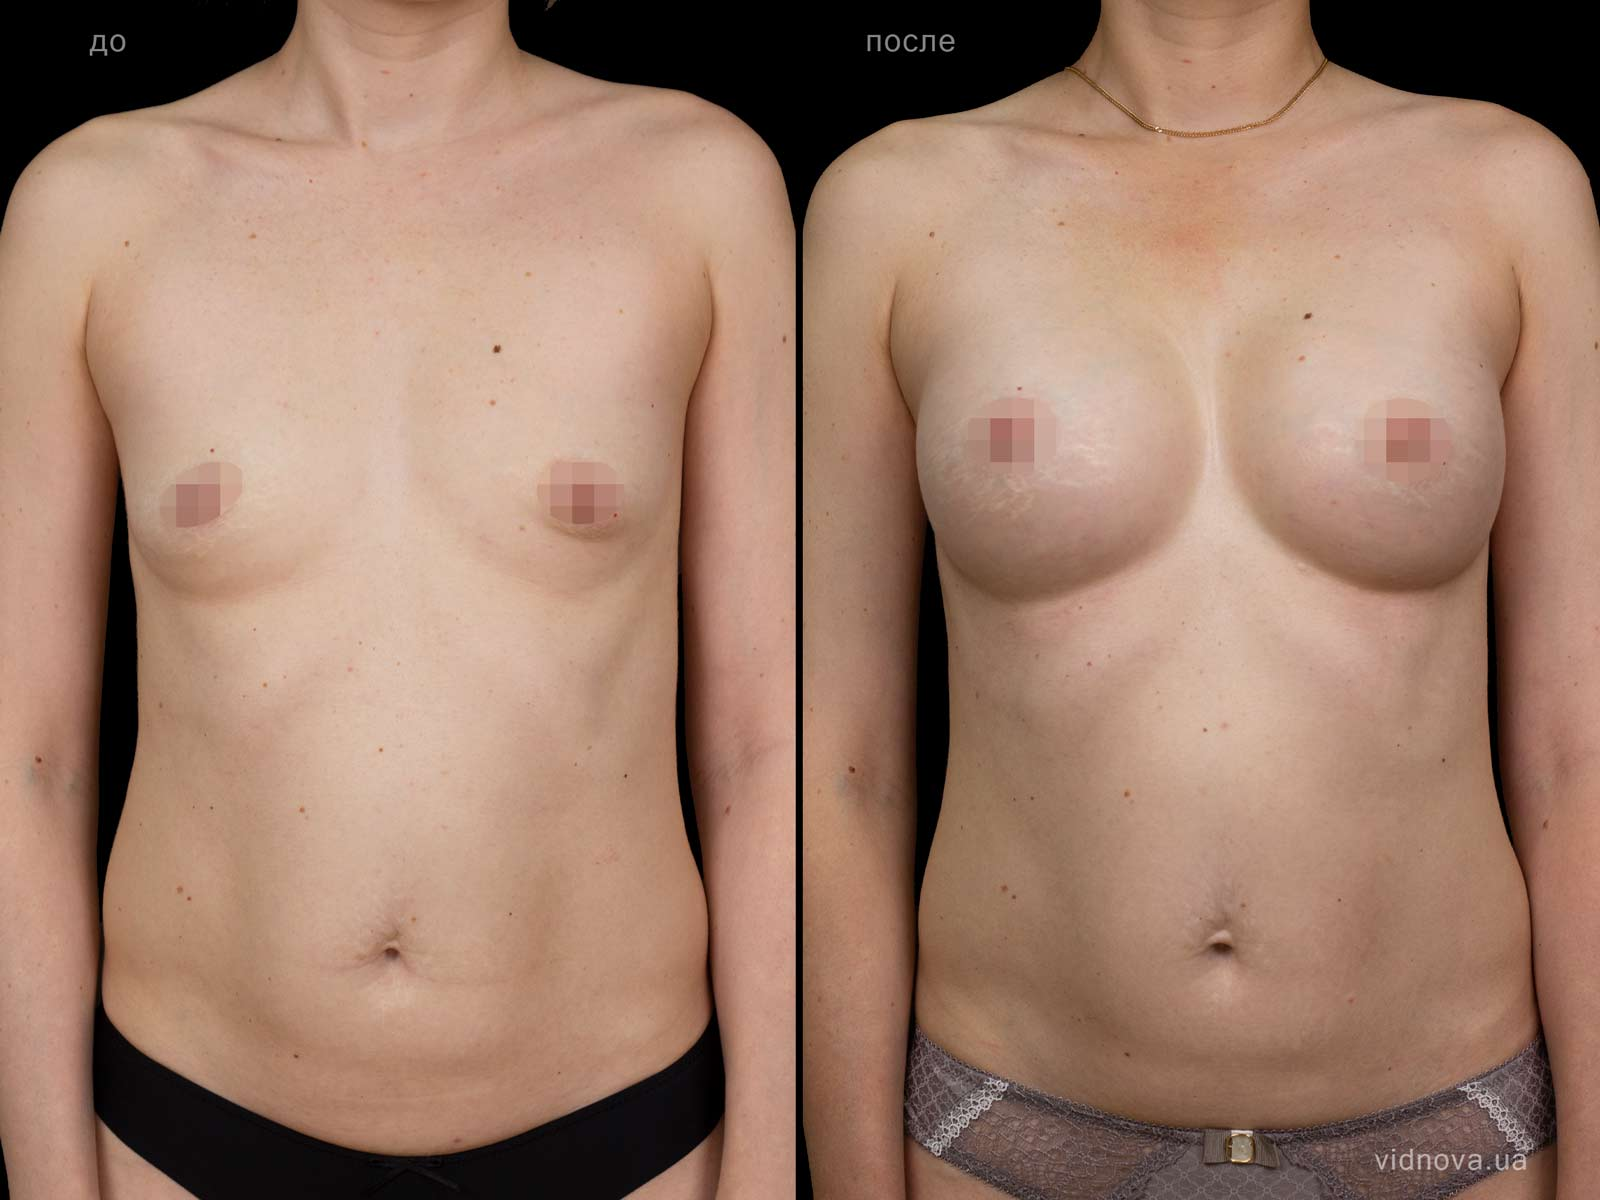 Пластика груди: результаты до и после - Пример №85-0 - Светлана Работенко